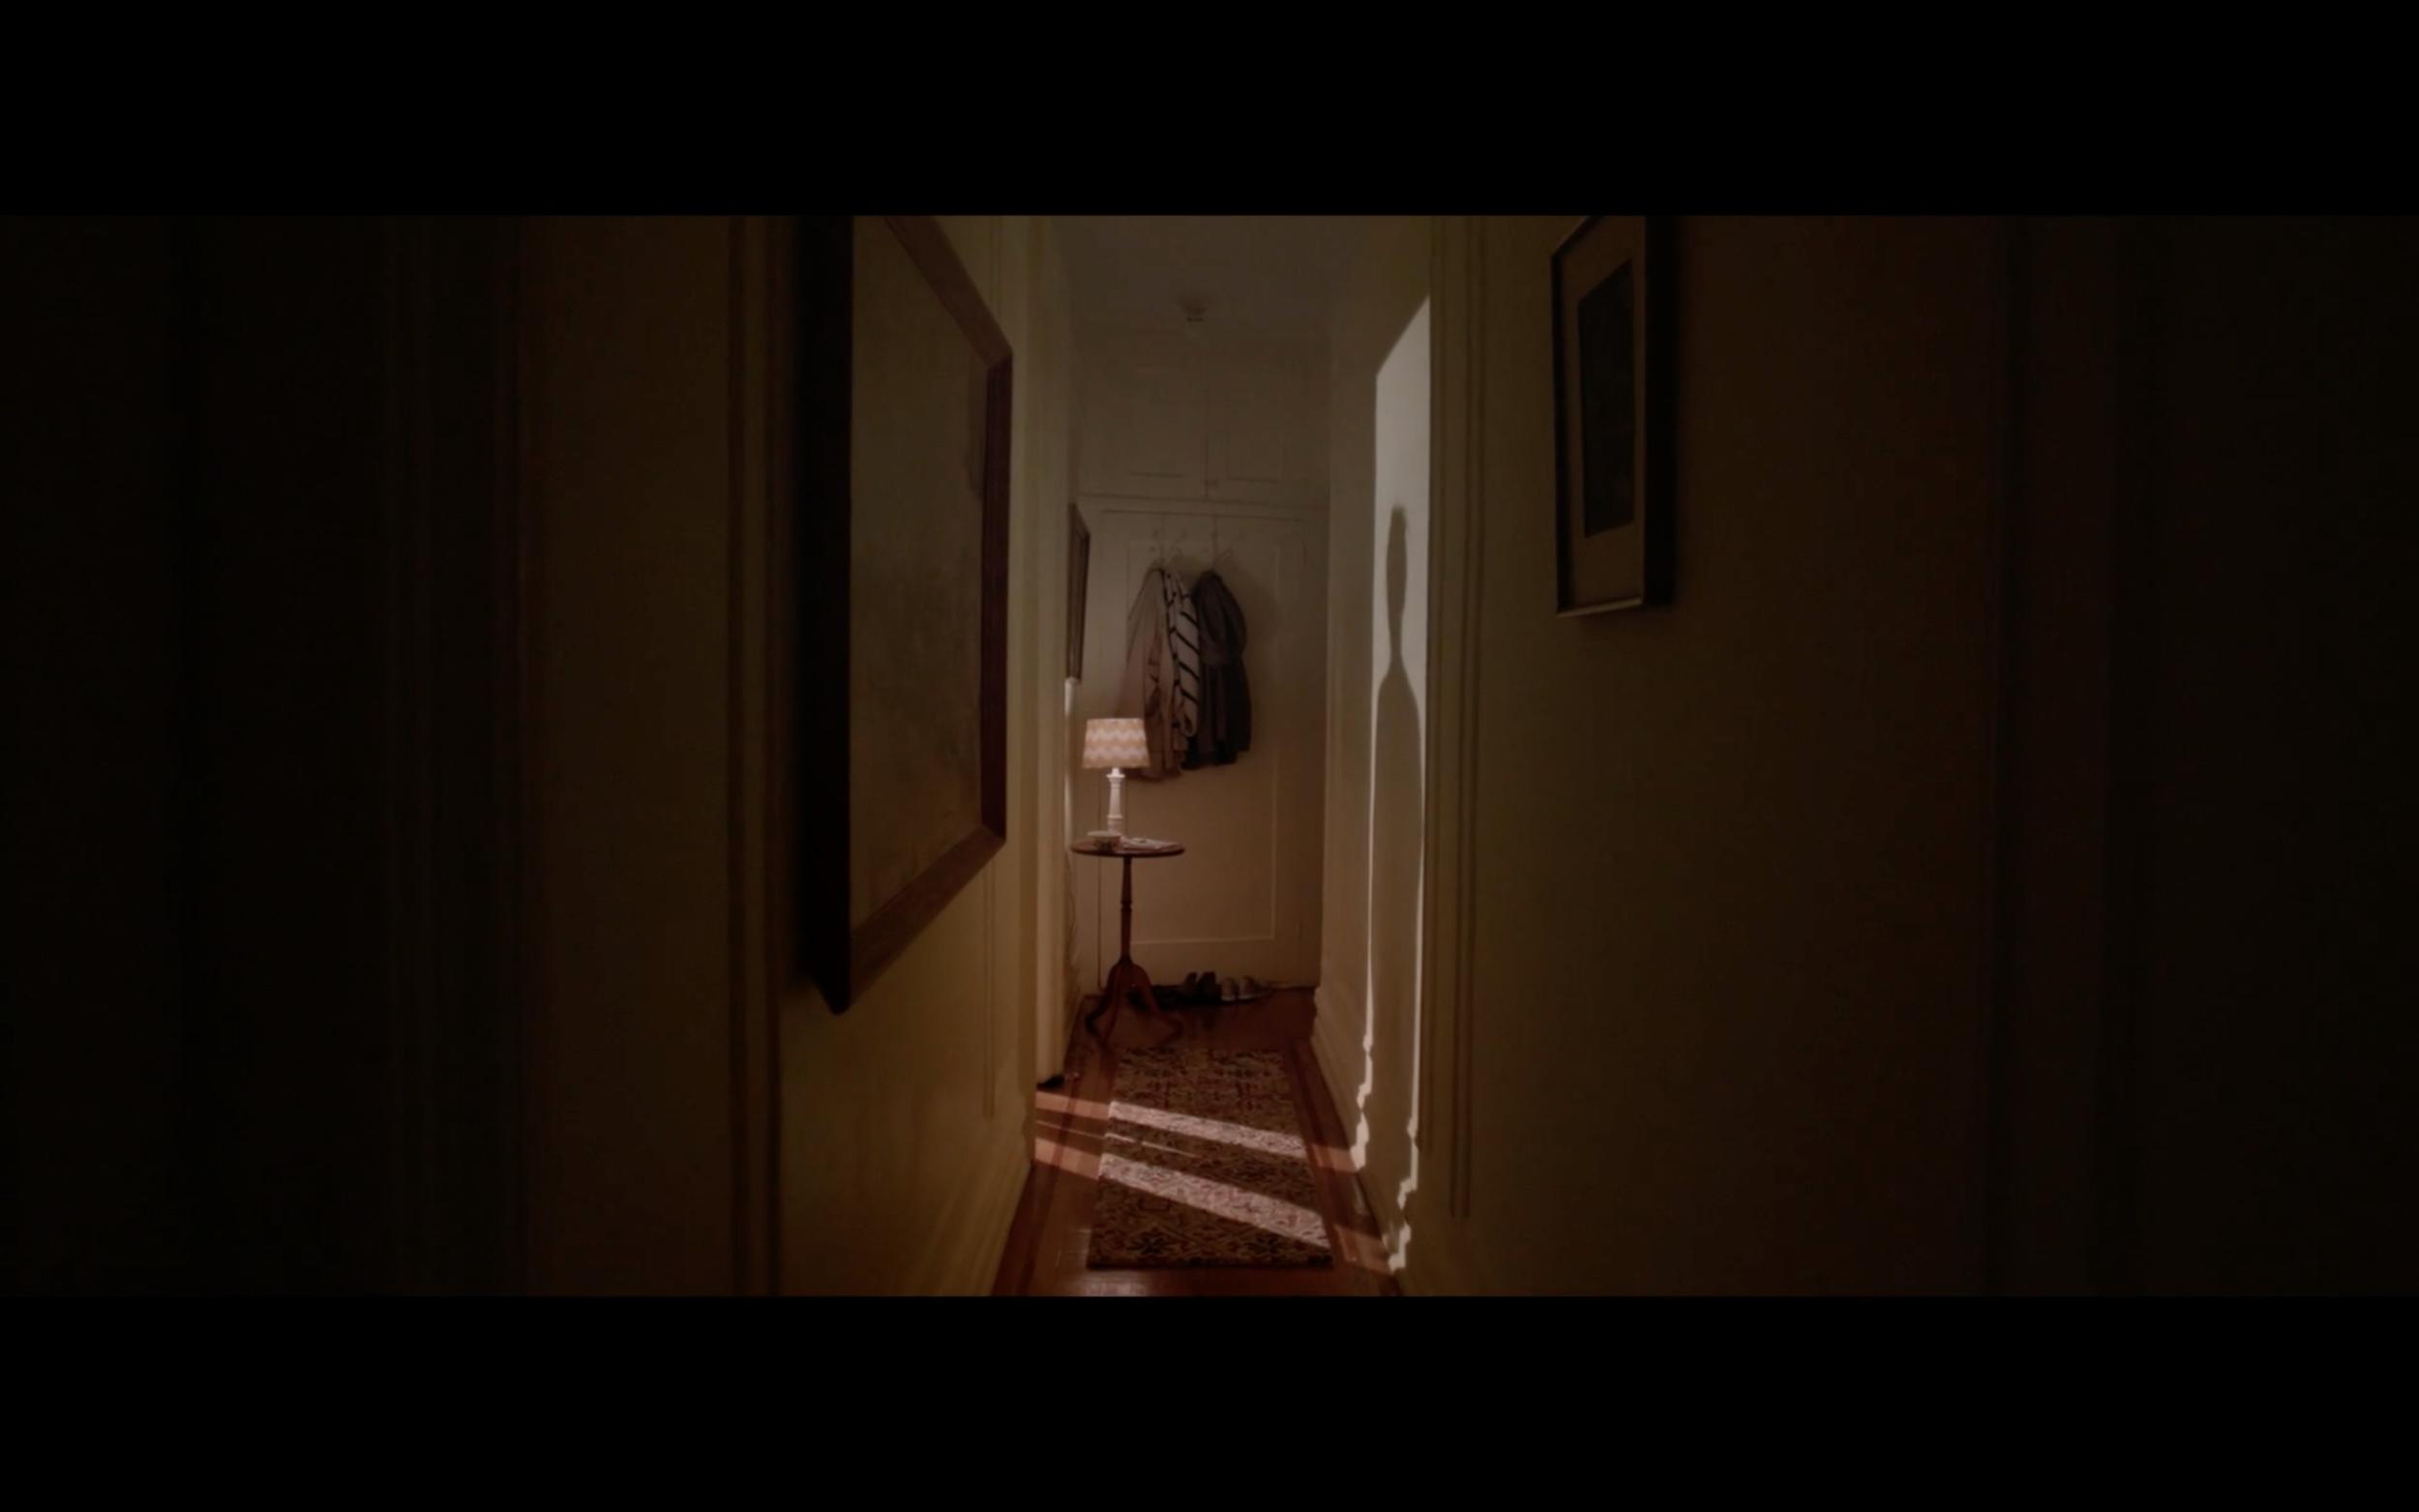 El Huésped (The Guest) - (Narrative - Short Film)